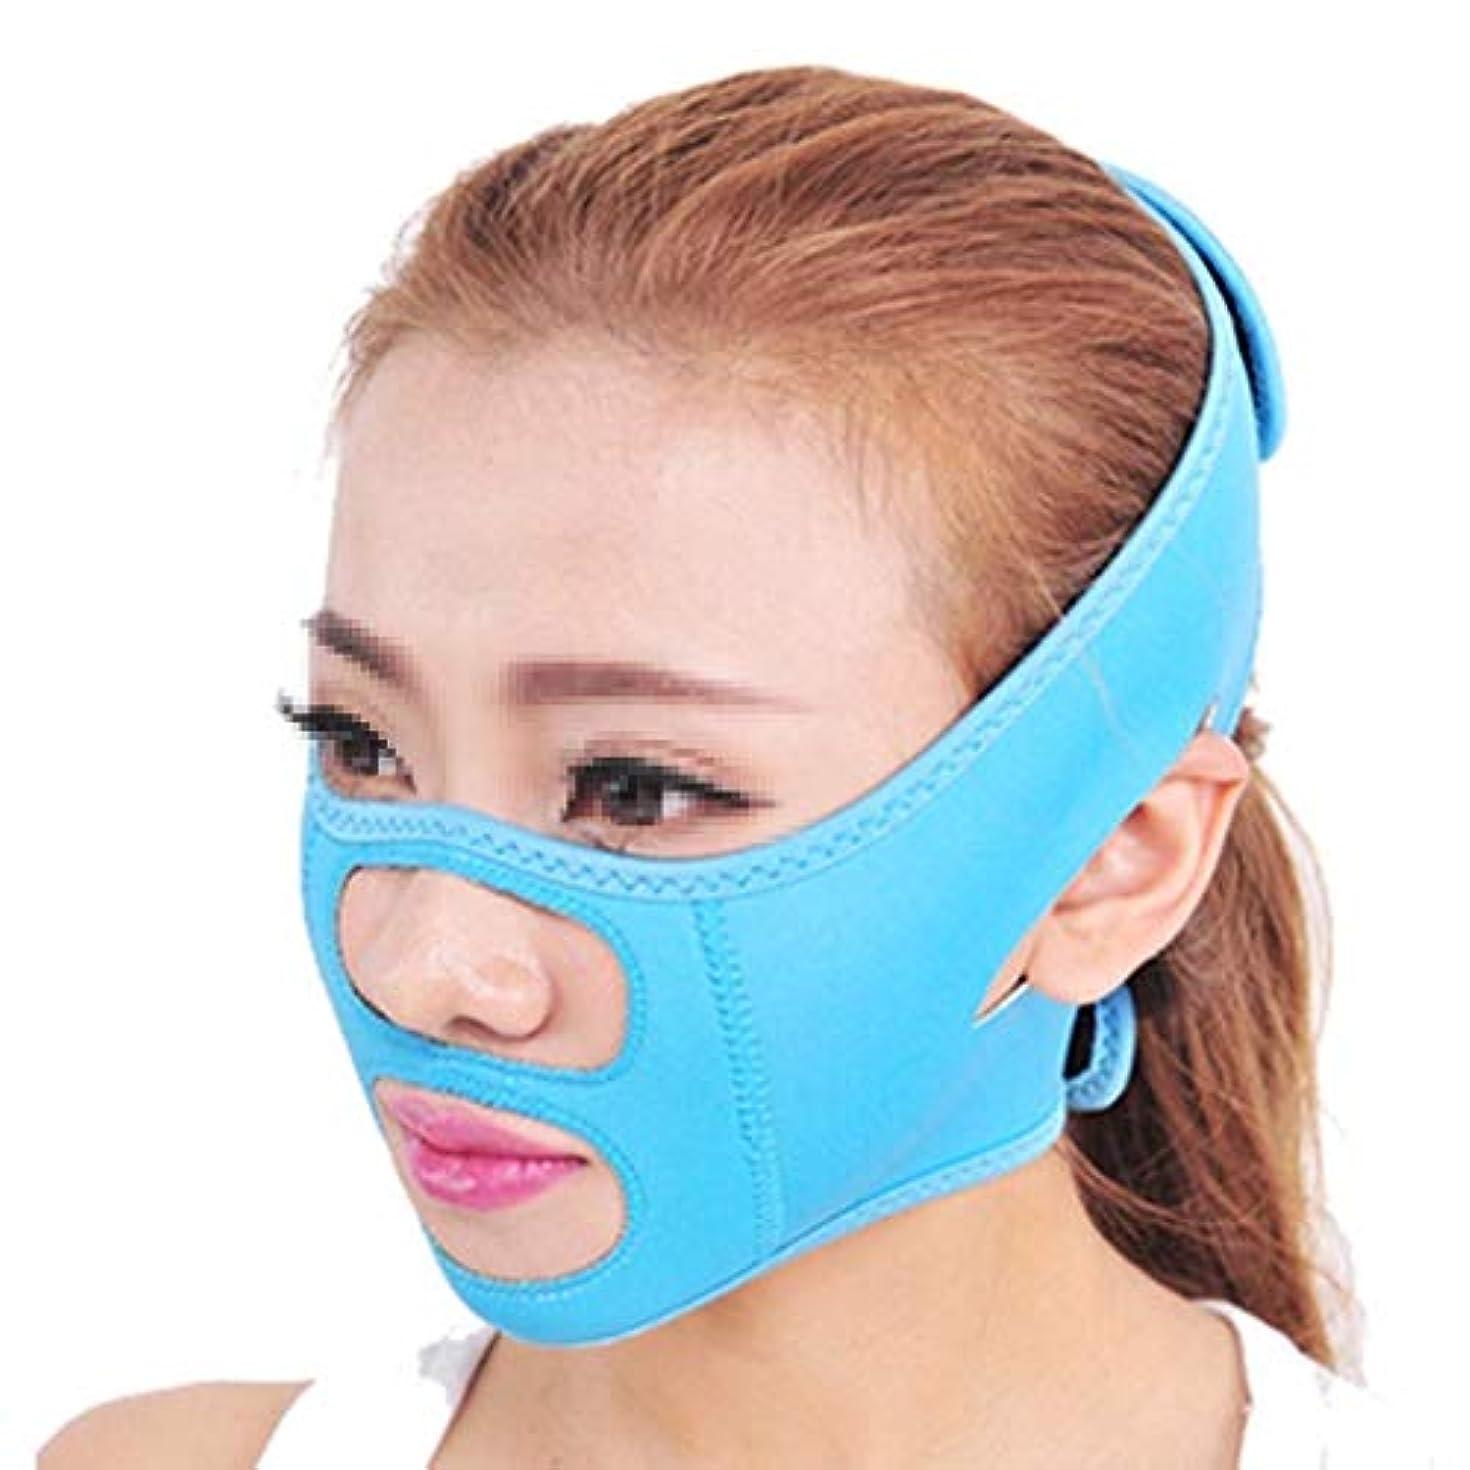 そのような単位広範囲薄いフェイスベルト、スリープマスク付きVフェイス、リフティングフェイス、ダブルチンフェイスマスクを引き締めるマルチカラーオプション(色:青)